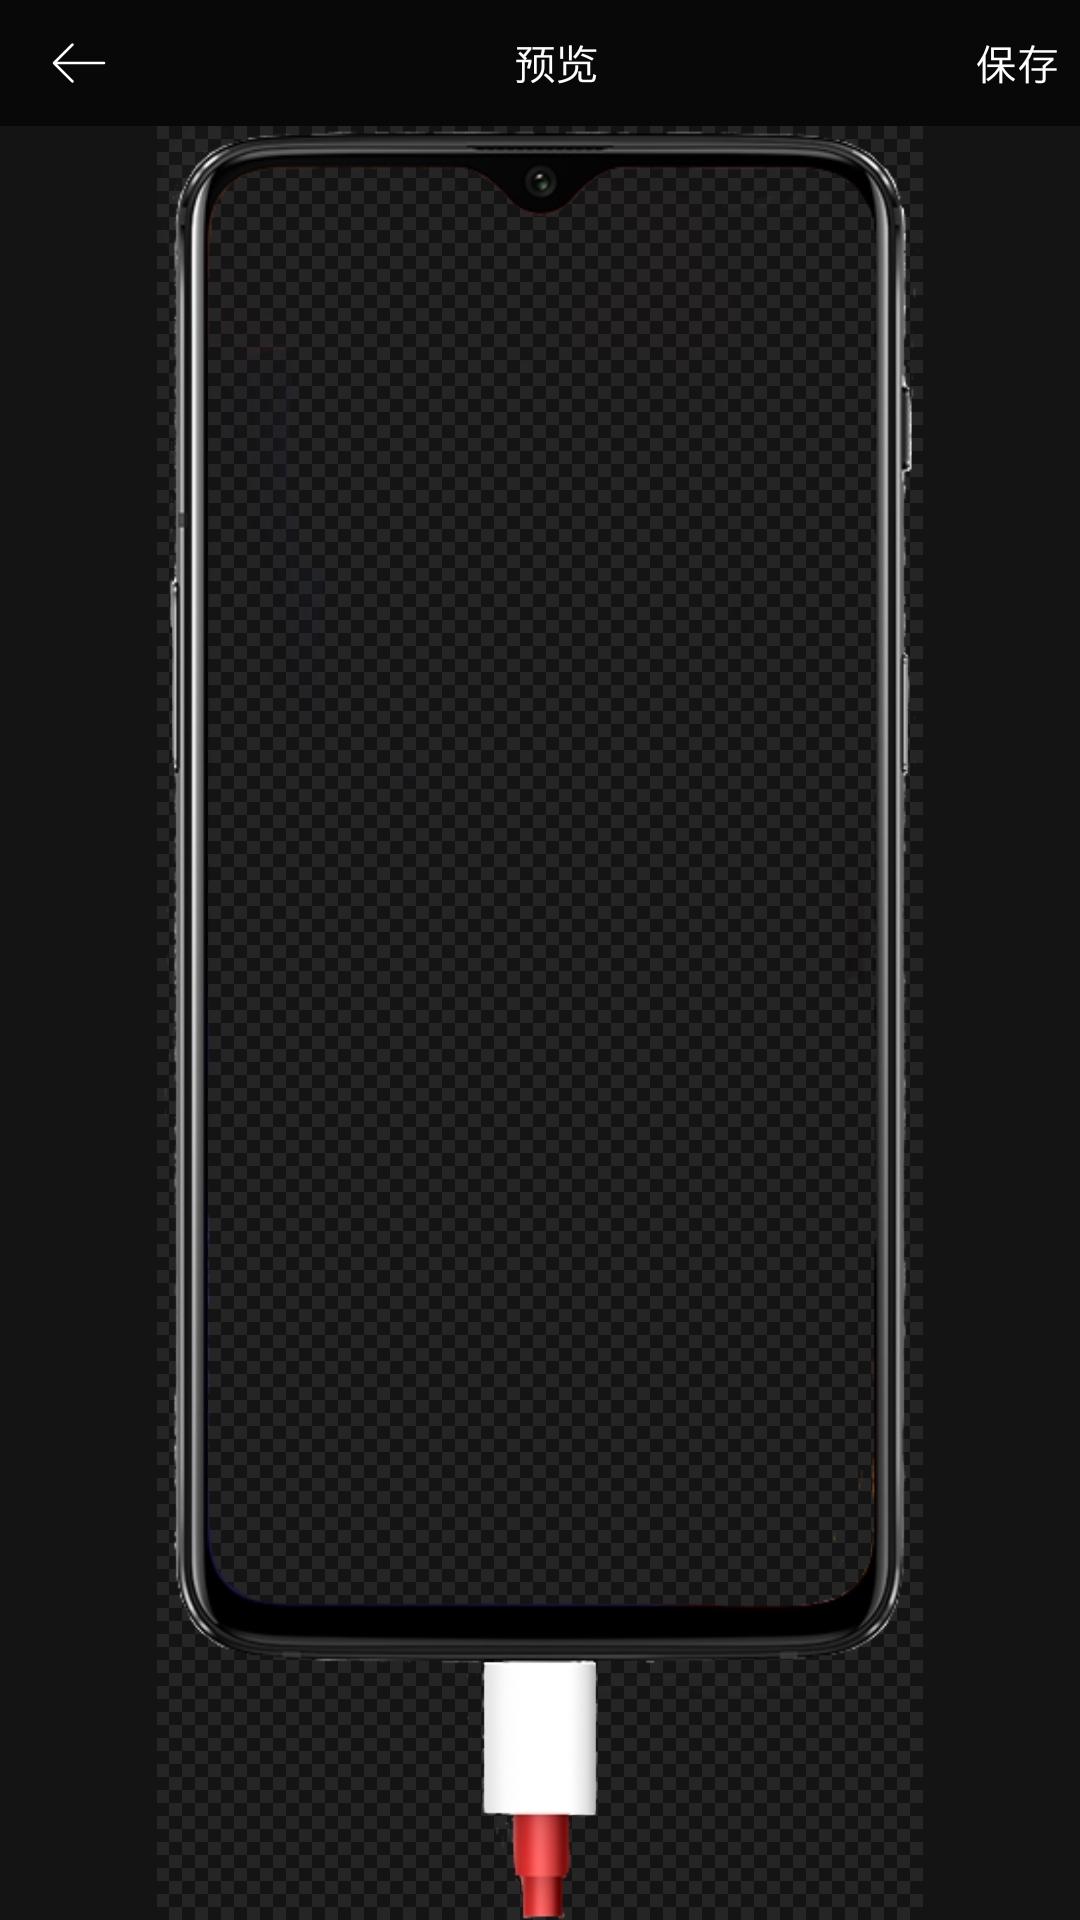 Screenshot_20181207-163921.jpg